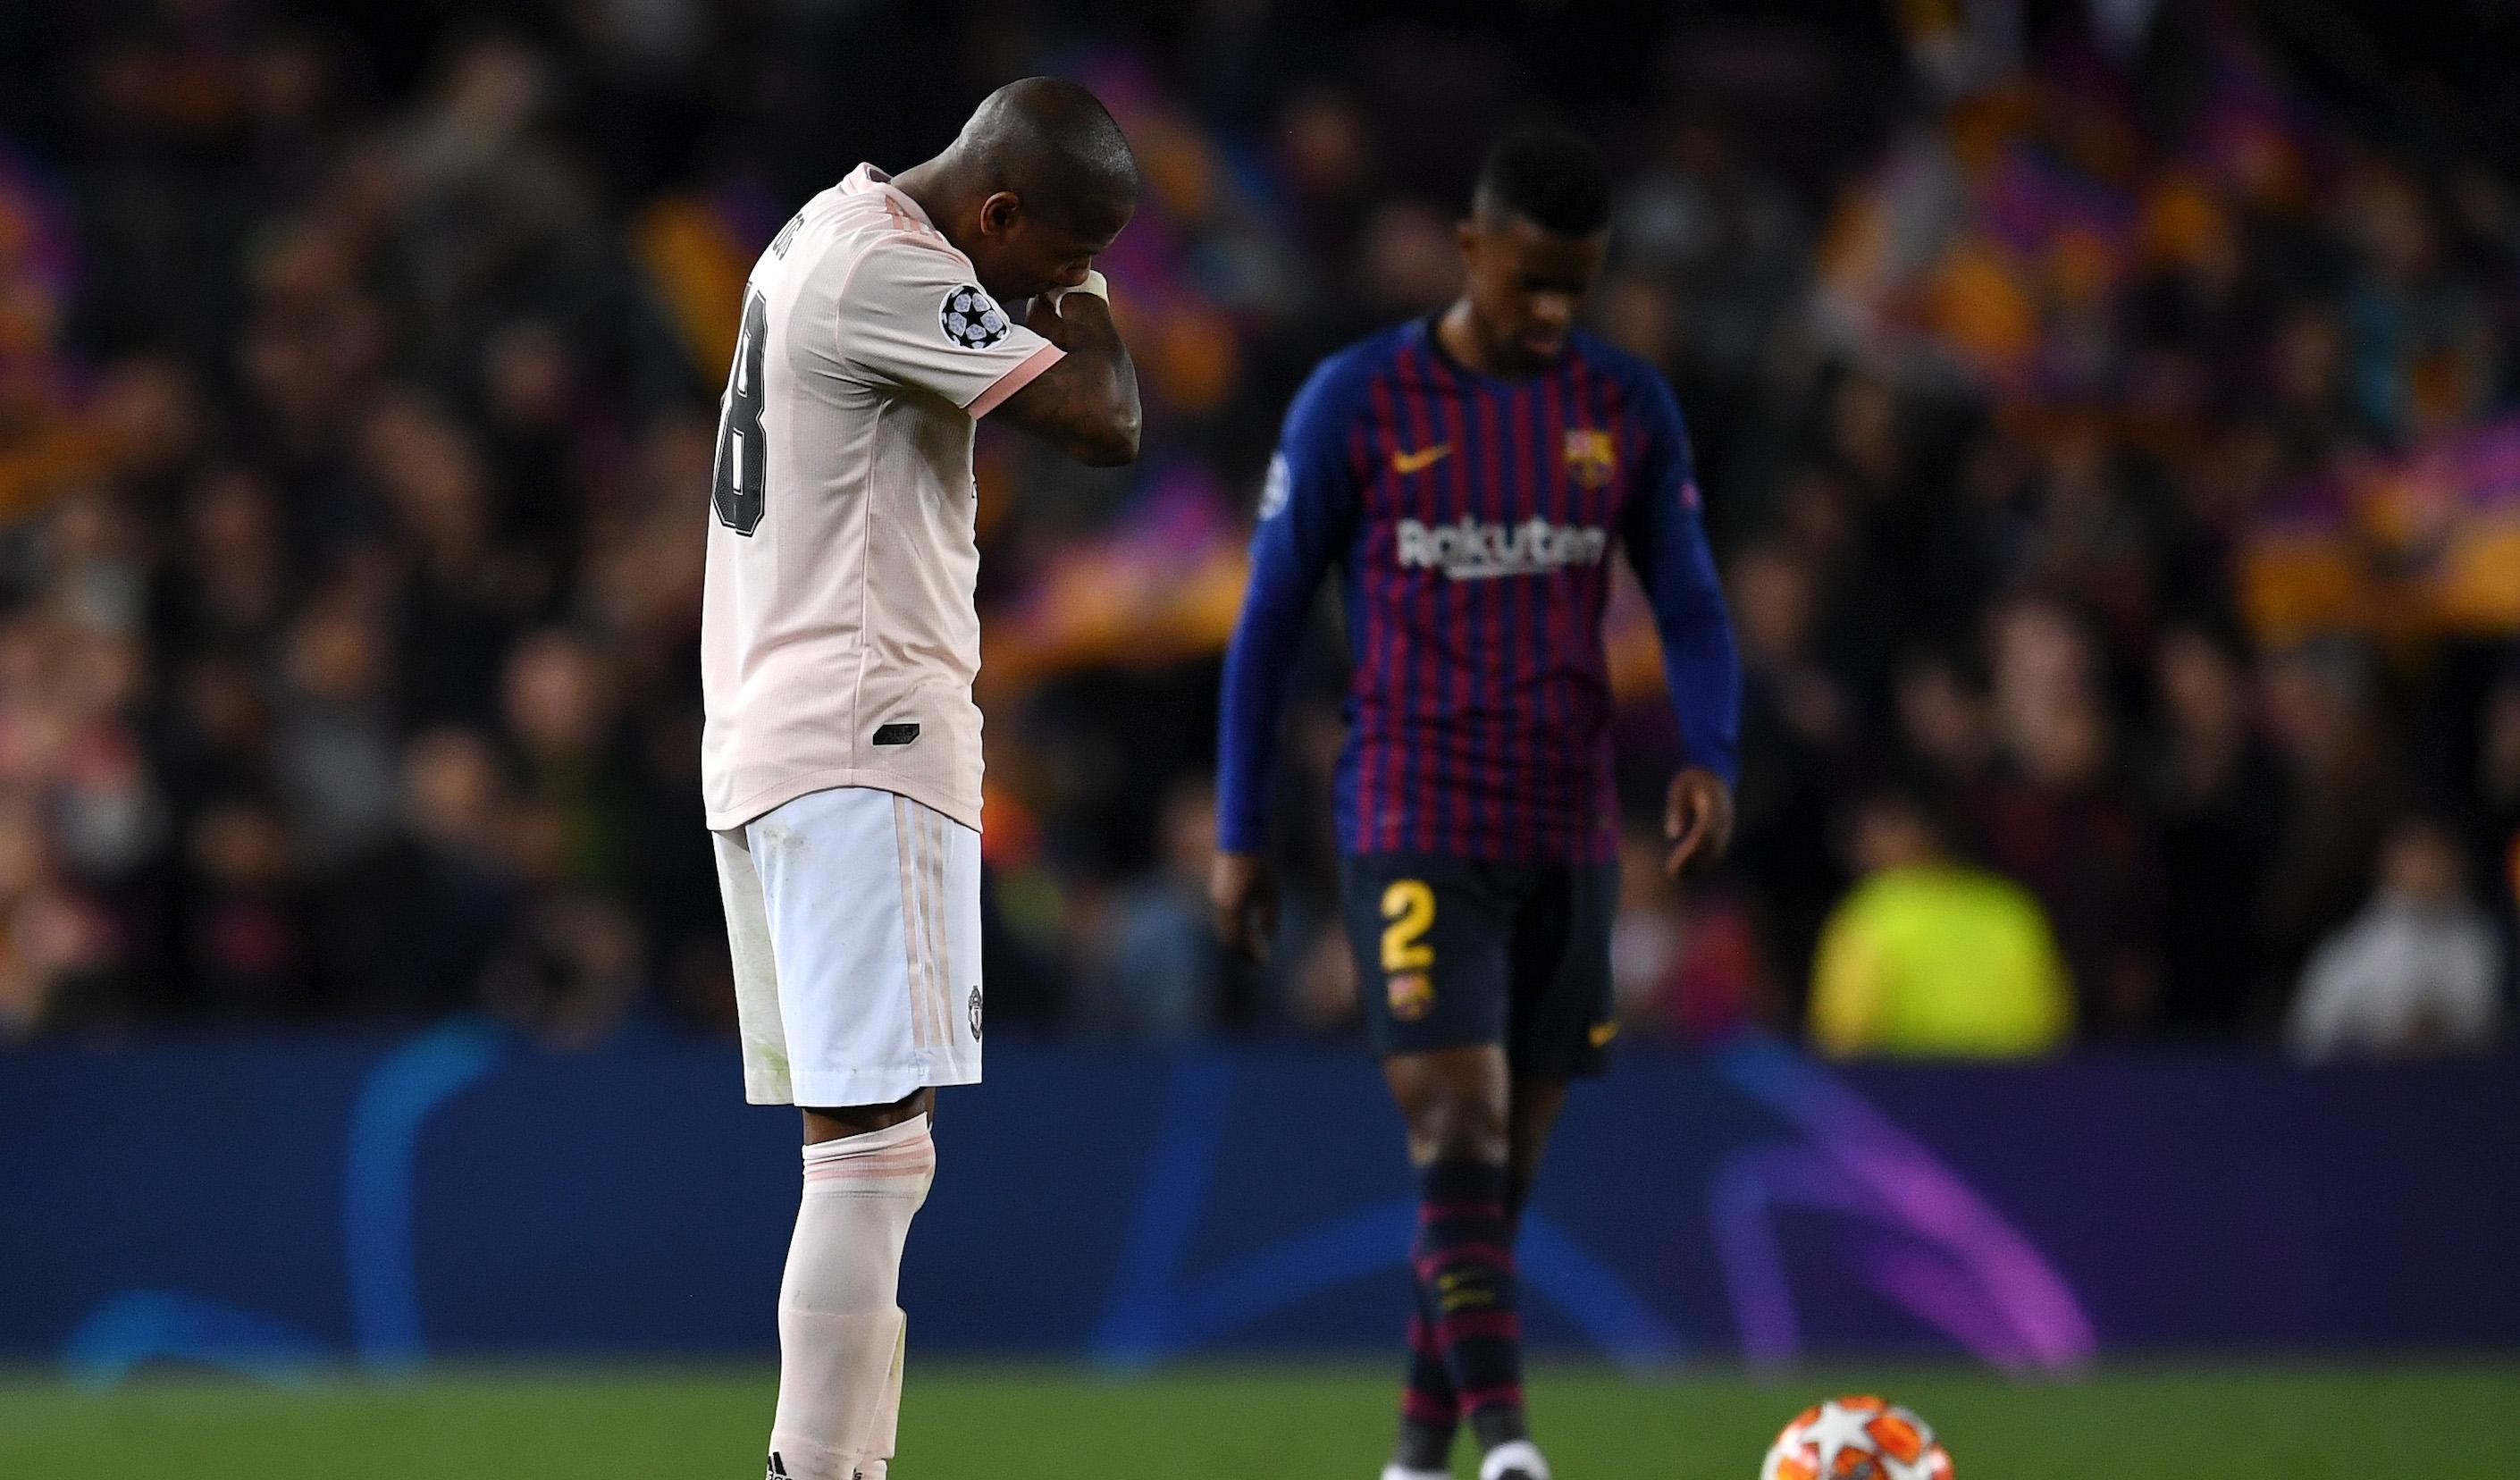 Запалянковци на Манчестър Юнайтед засипаха с обиди капитана на тима